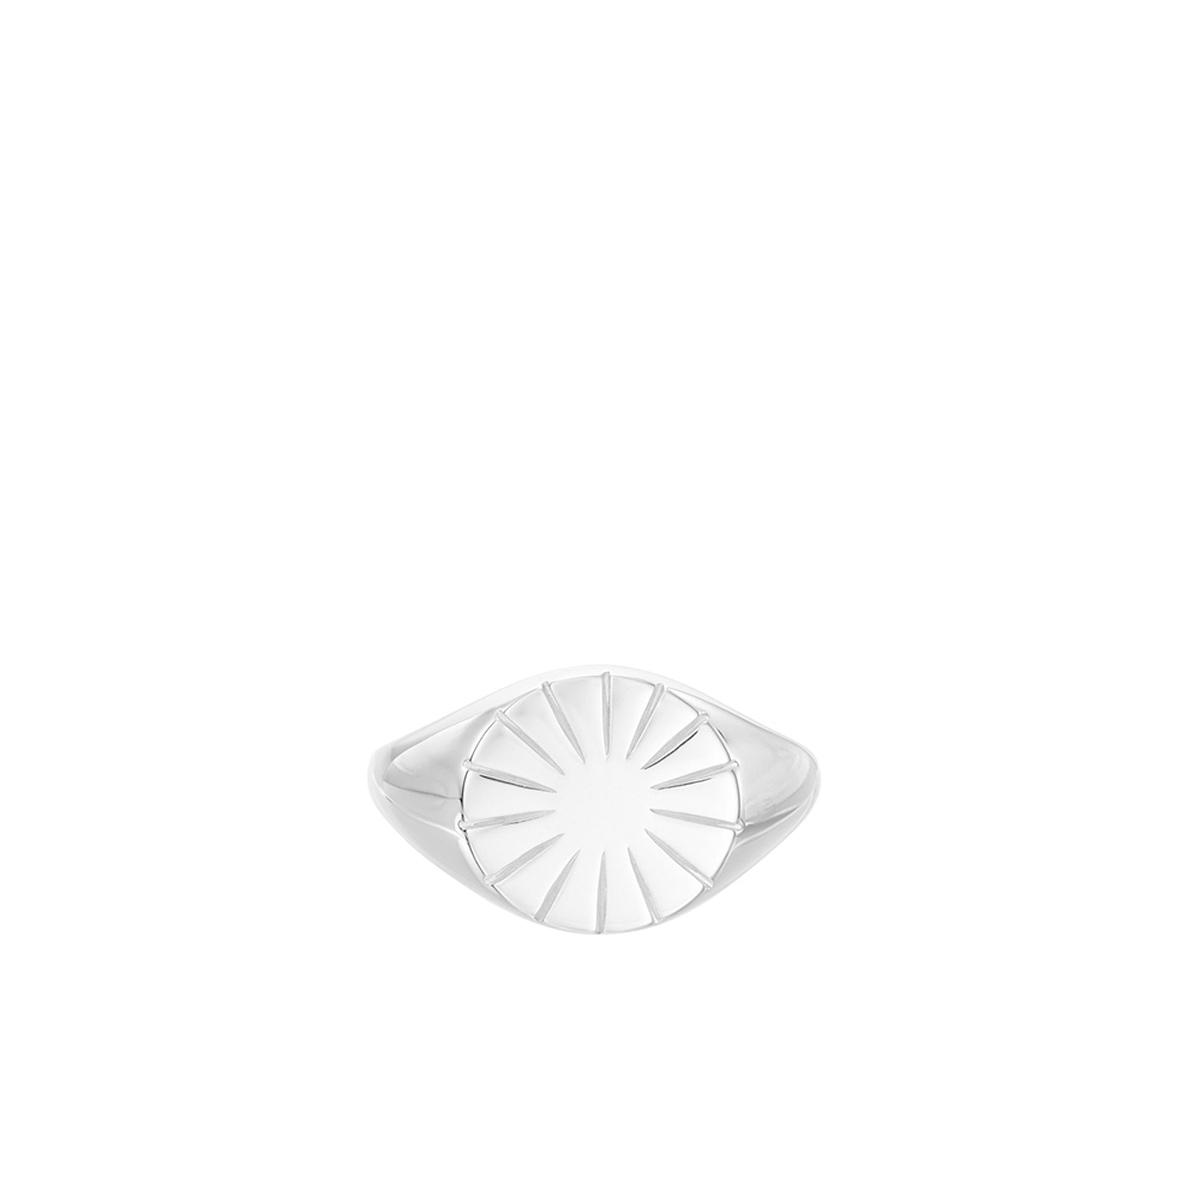 Pernille Corydon - R Era Signet Ring Sølv